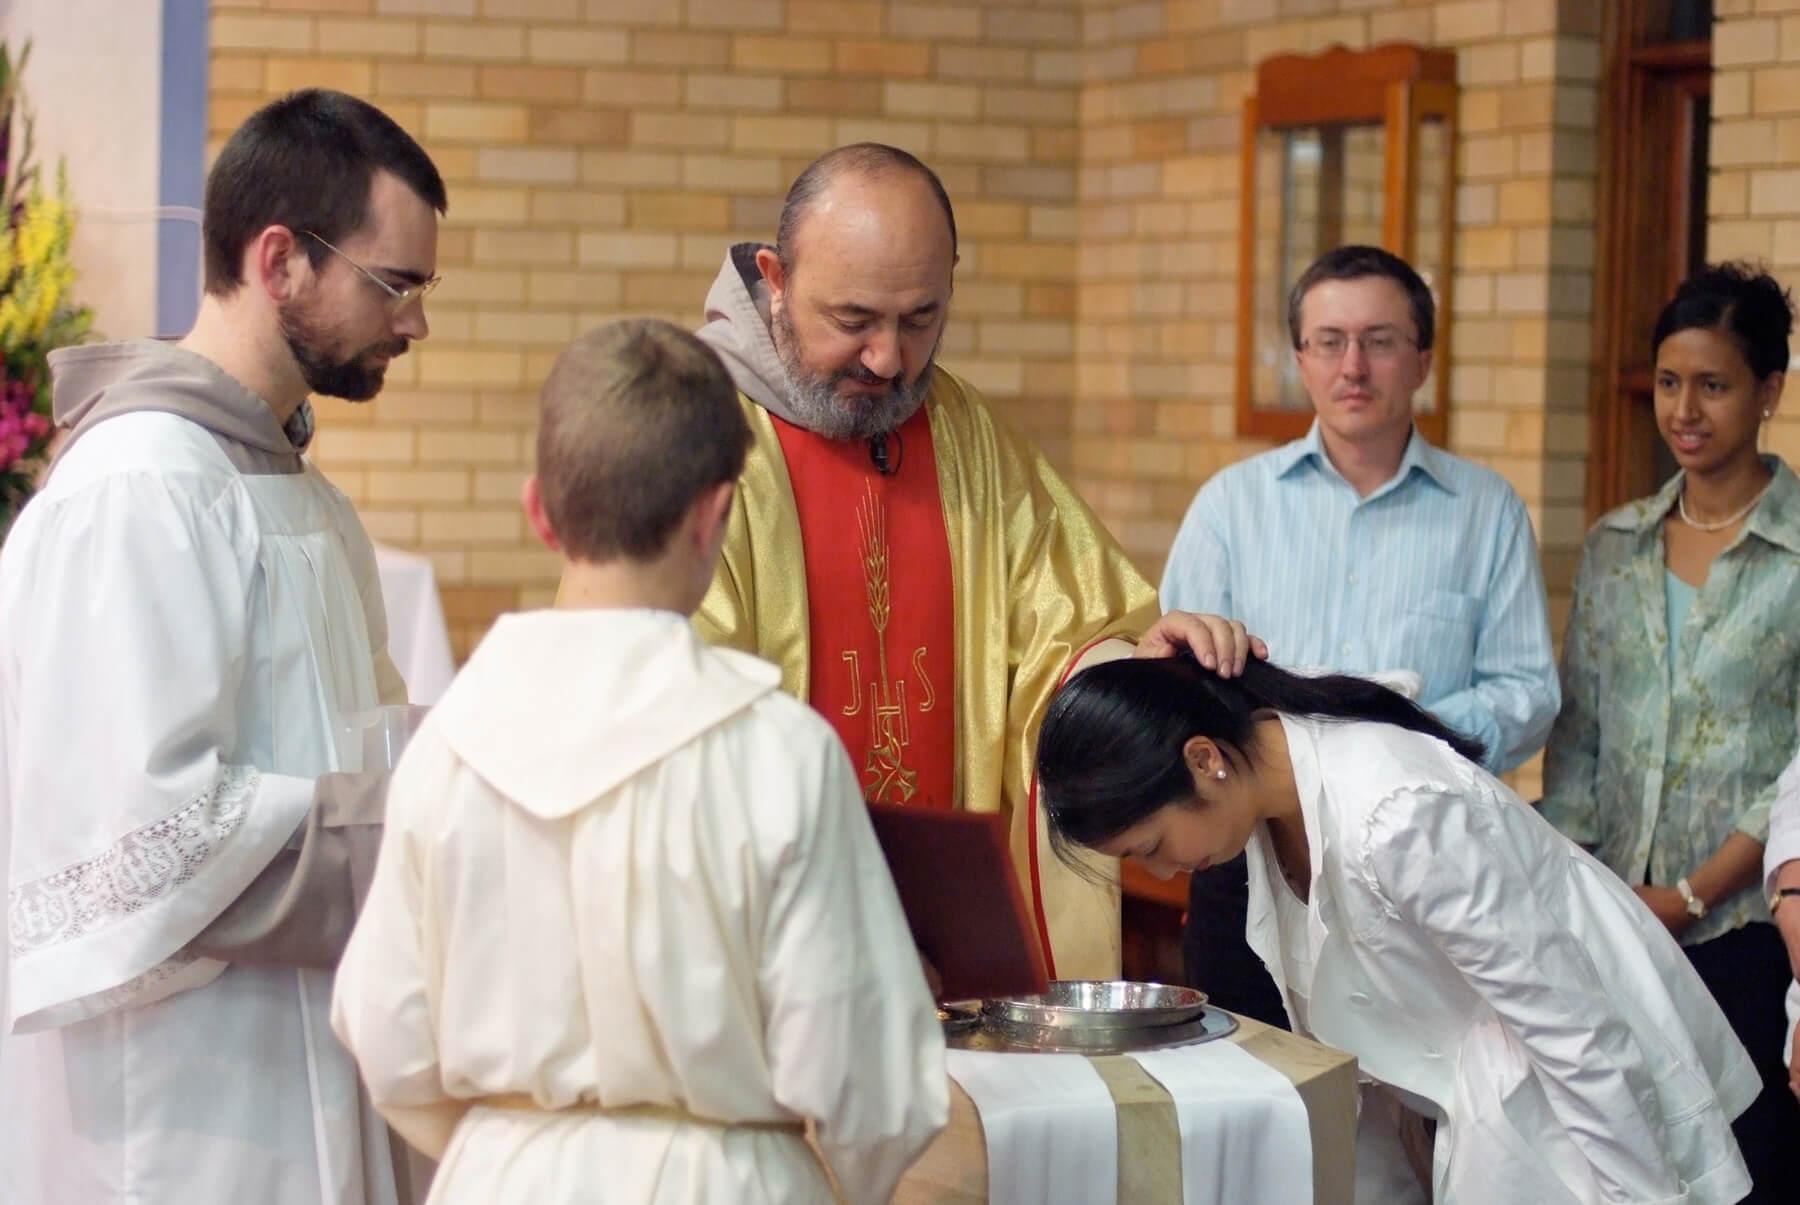 fr c adult baptism